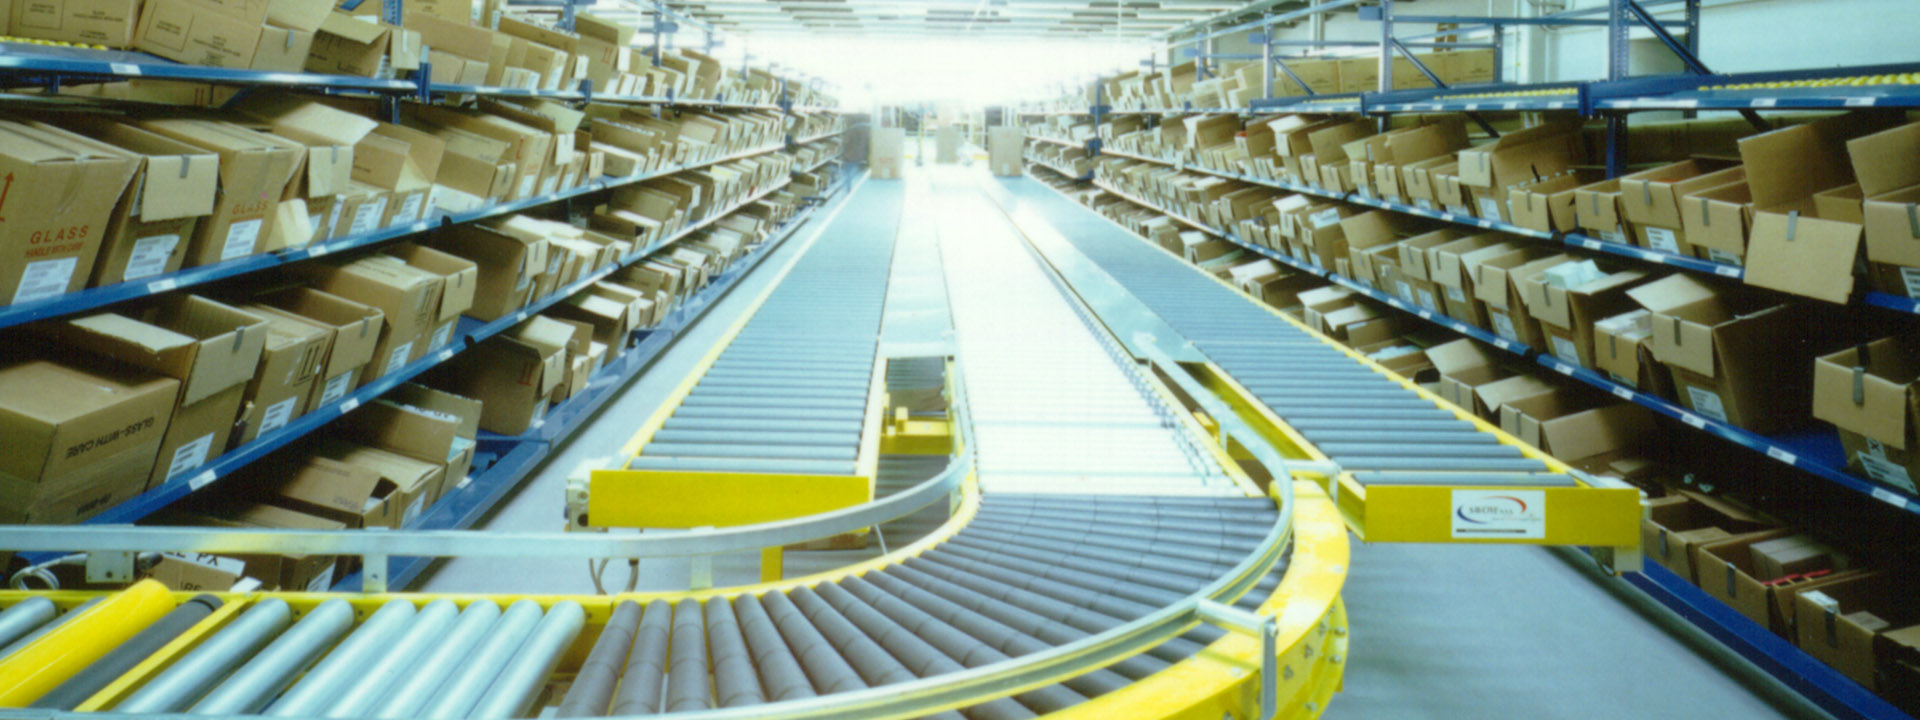 Internationales Verteilzentrum mit modernster Logistik- und Automatisierungstechnologie.